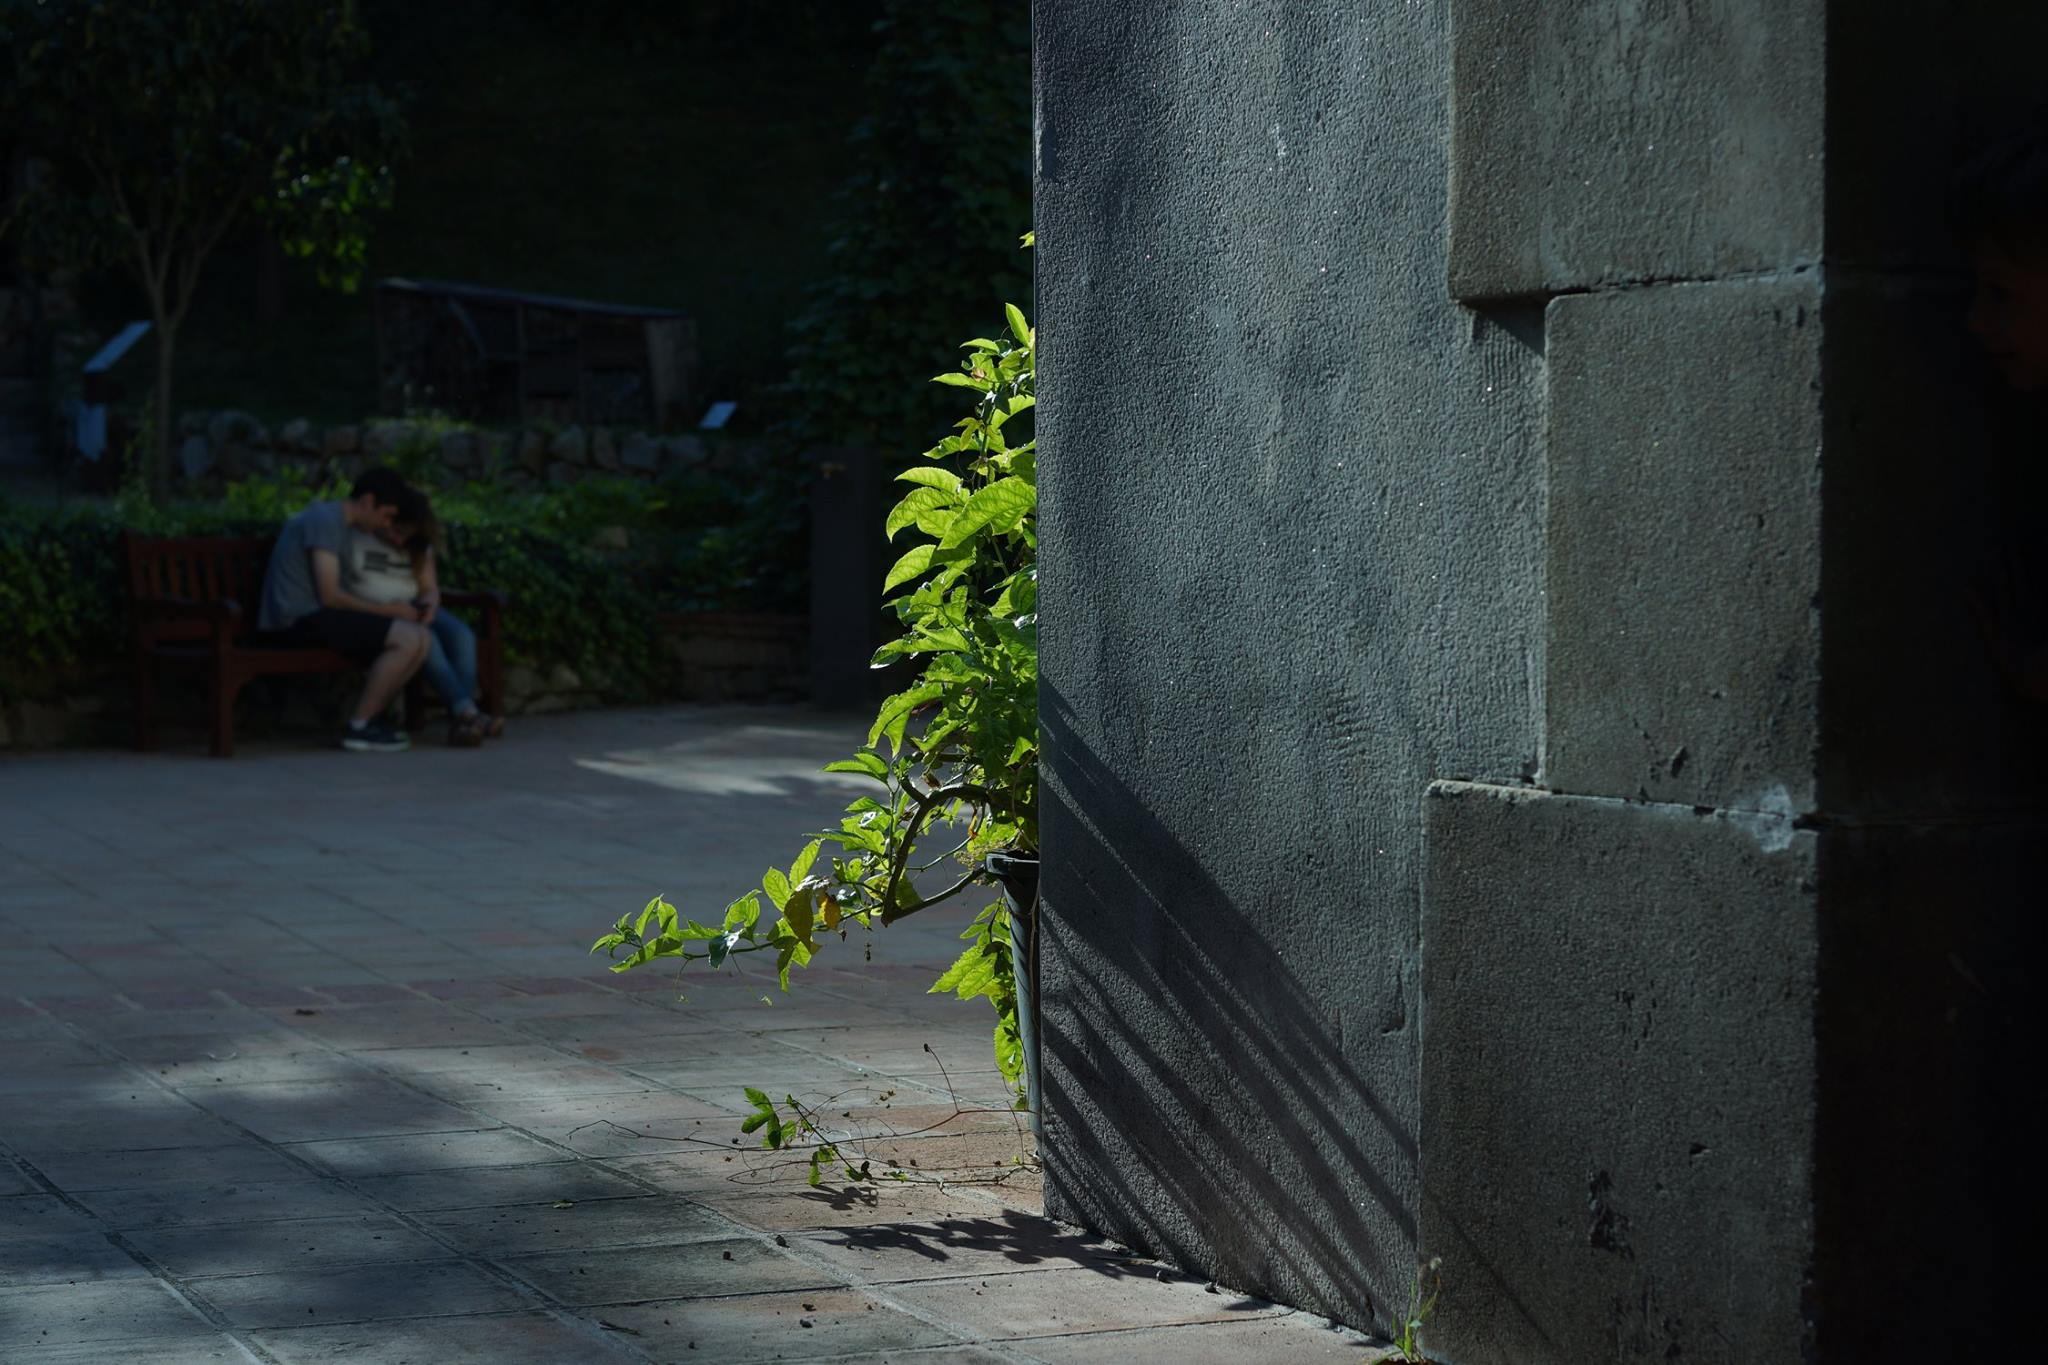 リサーチより(相模友士郎)photo by Yujiro Sagami